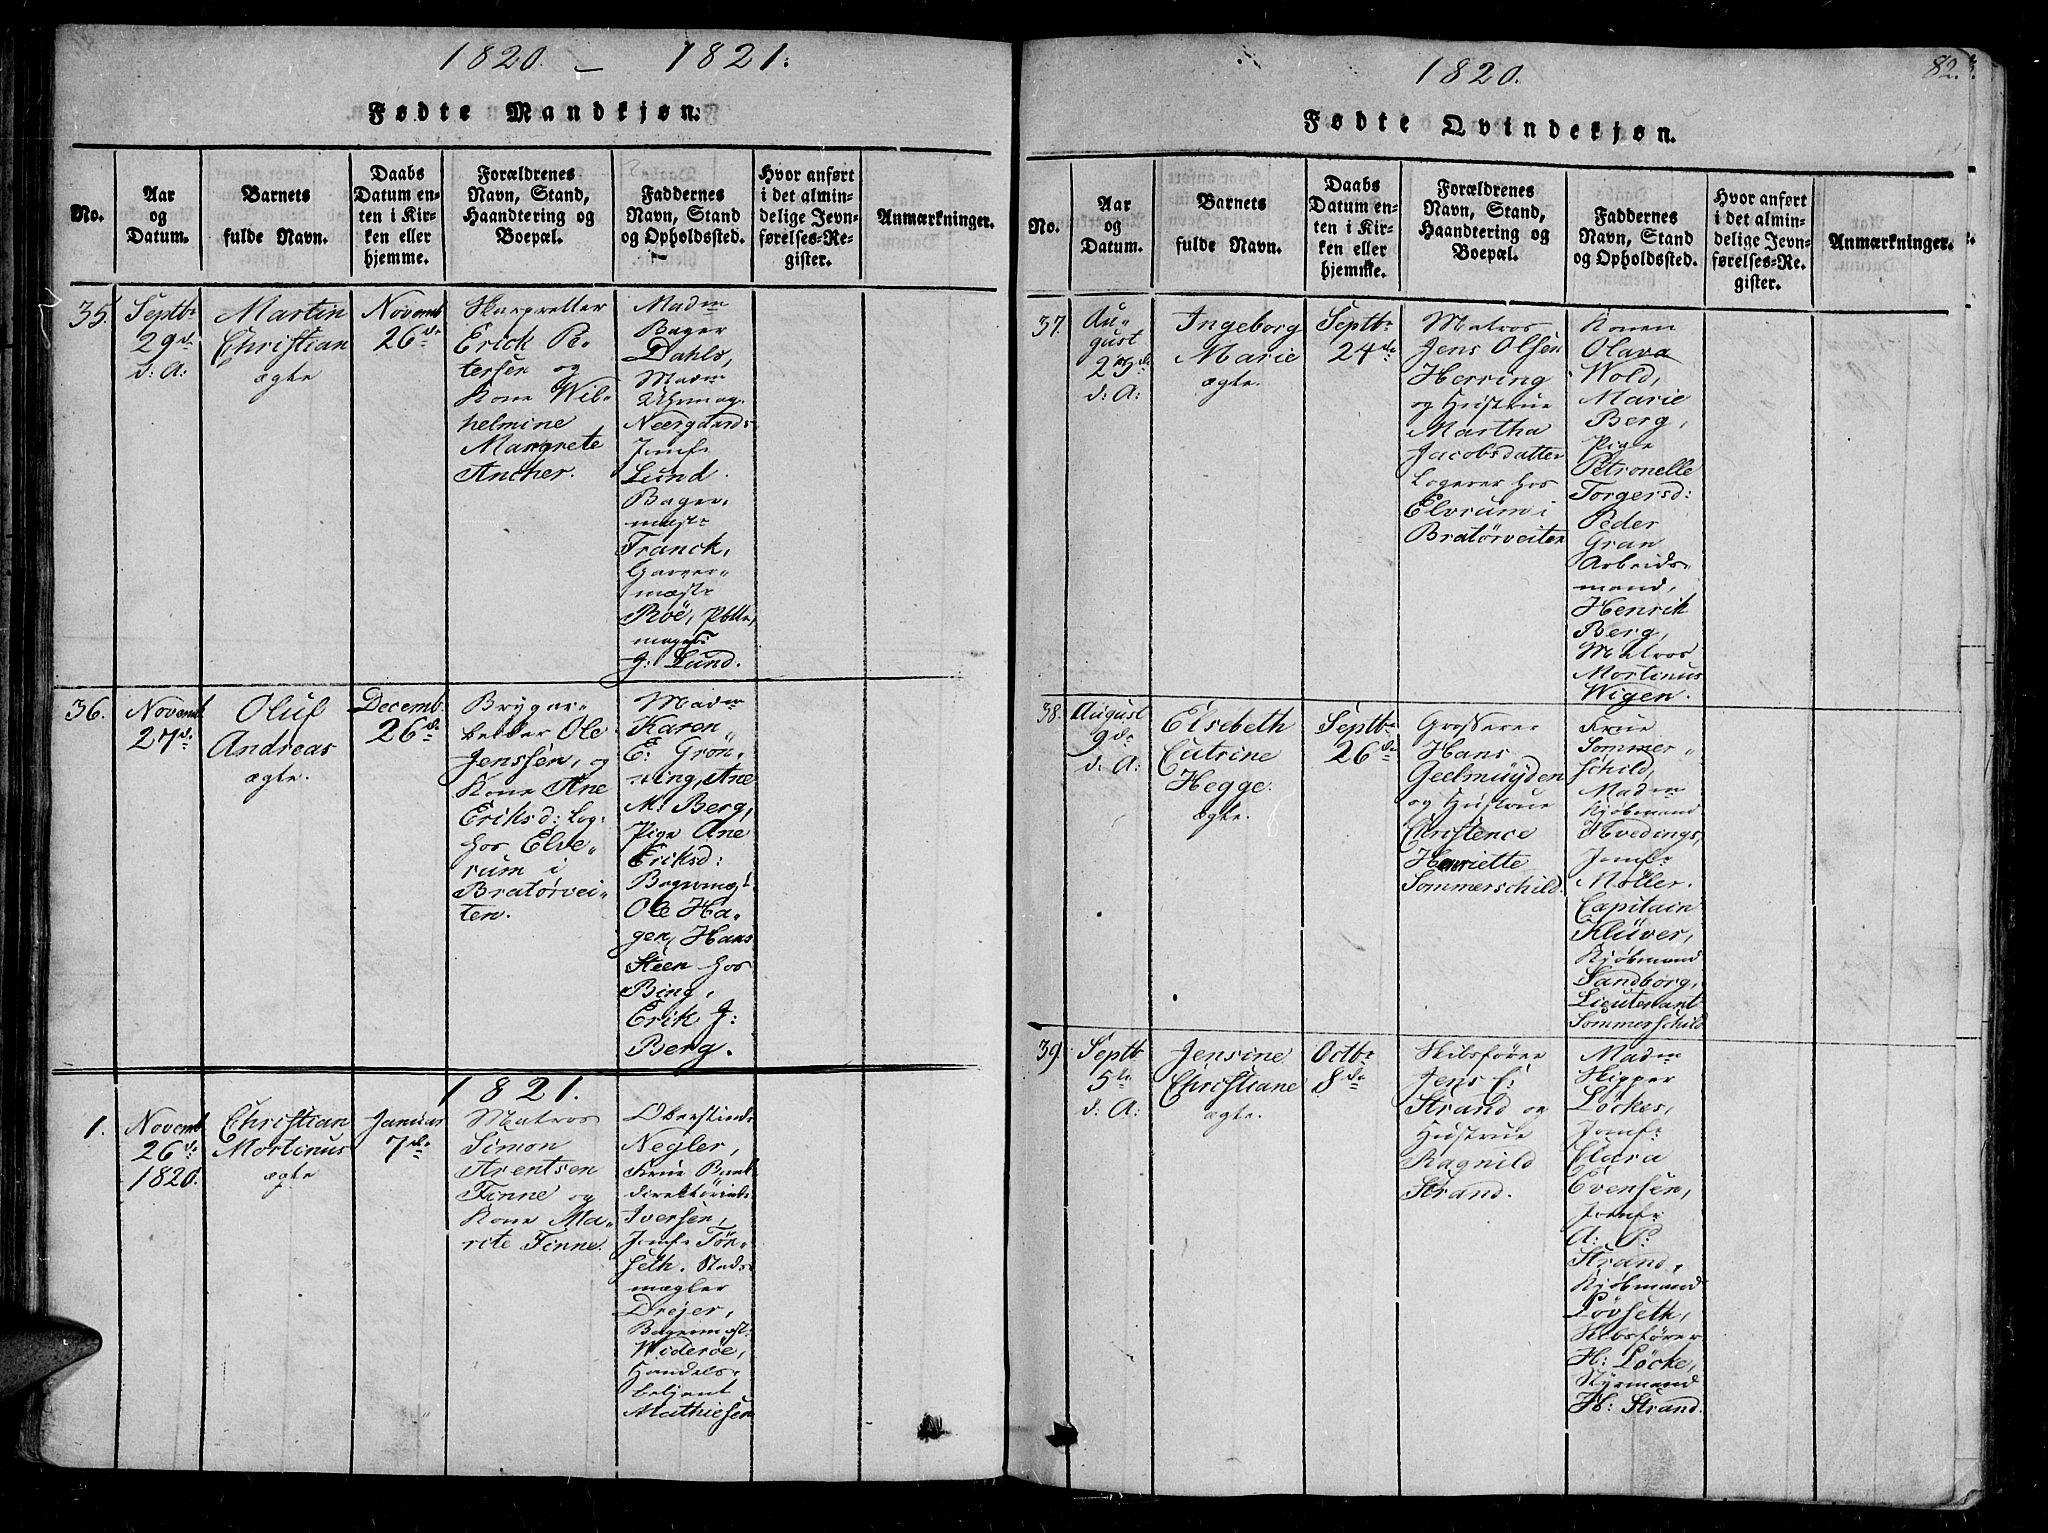 SAT, Ministerialprotokoller, klokkerbøker og fødselsregistre - Sør-Trøndelag, 602/L0107: Ministerialbok nr. 602A05, 1815-1821, s. 82